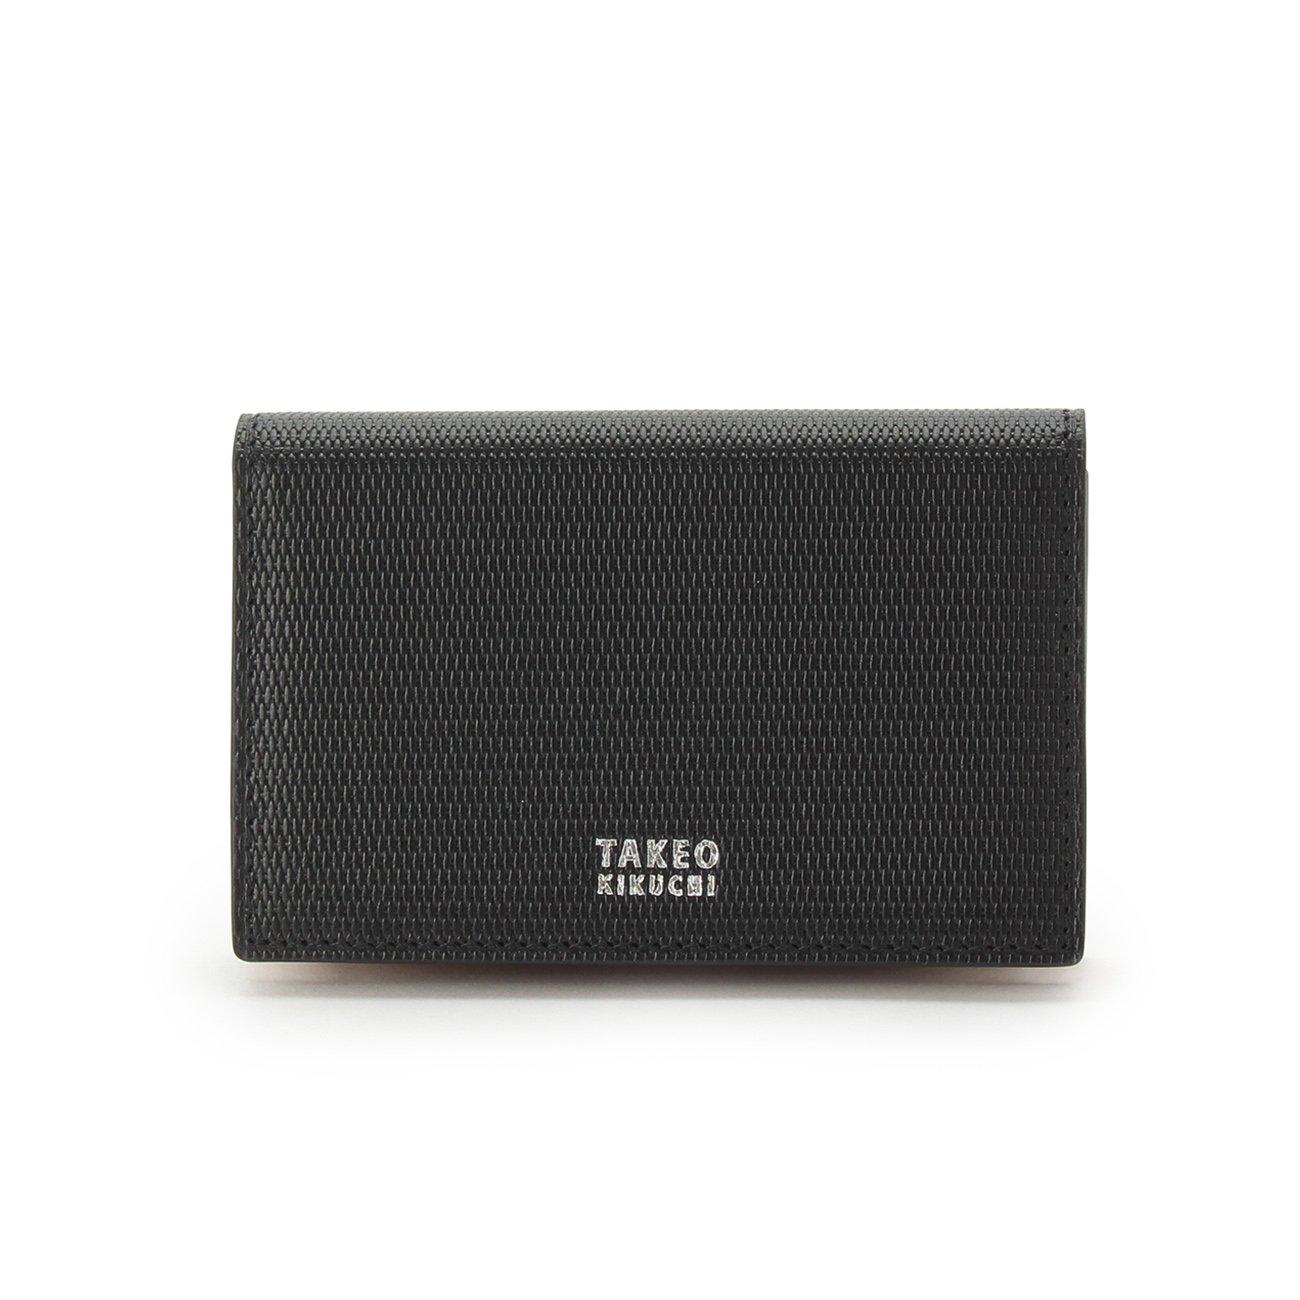 (タケオキクチ) TAKEO KIKUCHI ミニメッシュ名刺カードケース 07001522 B071FPHXWD ブラック(519) ブラック(519)